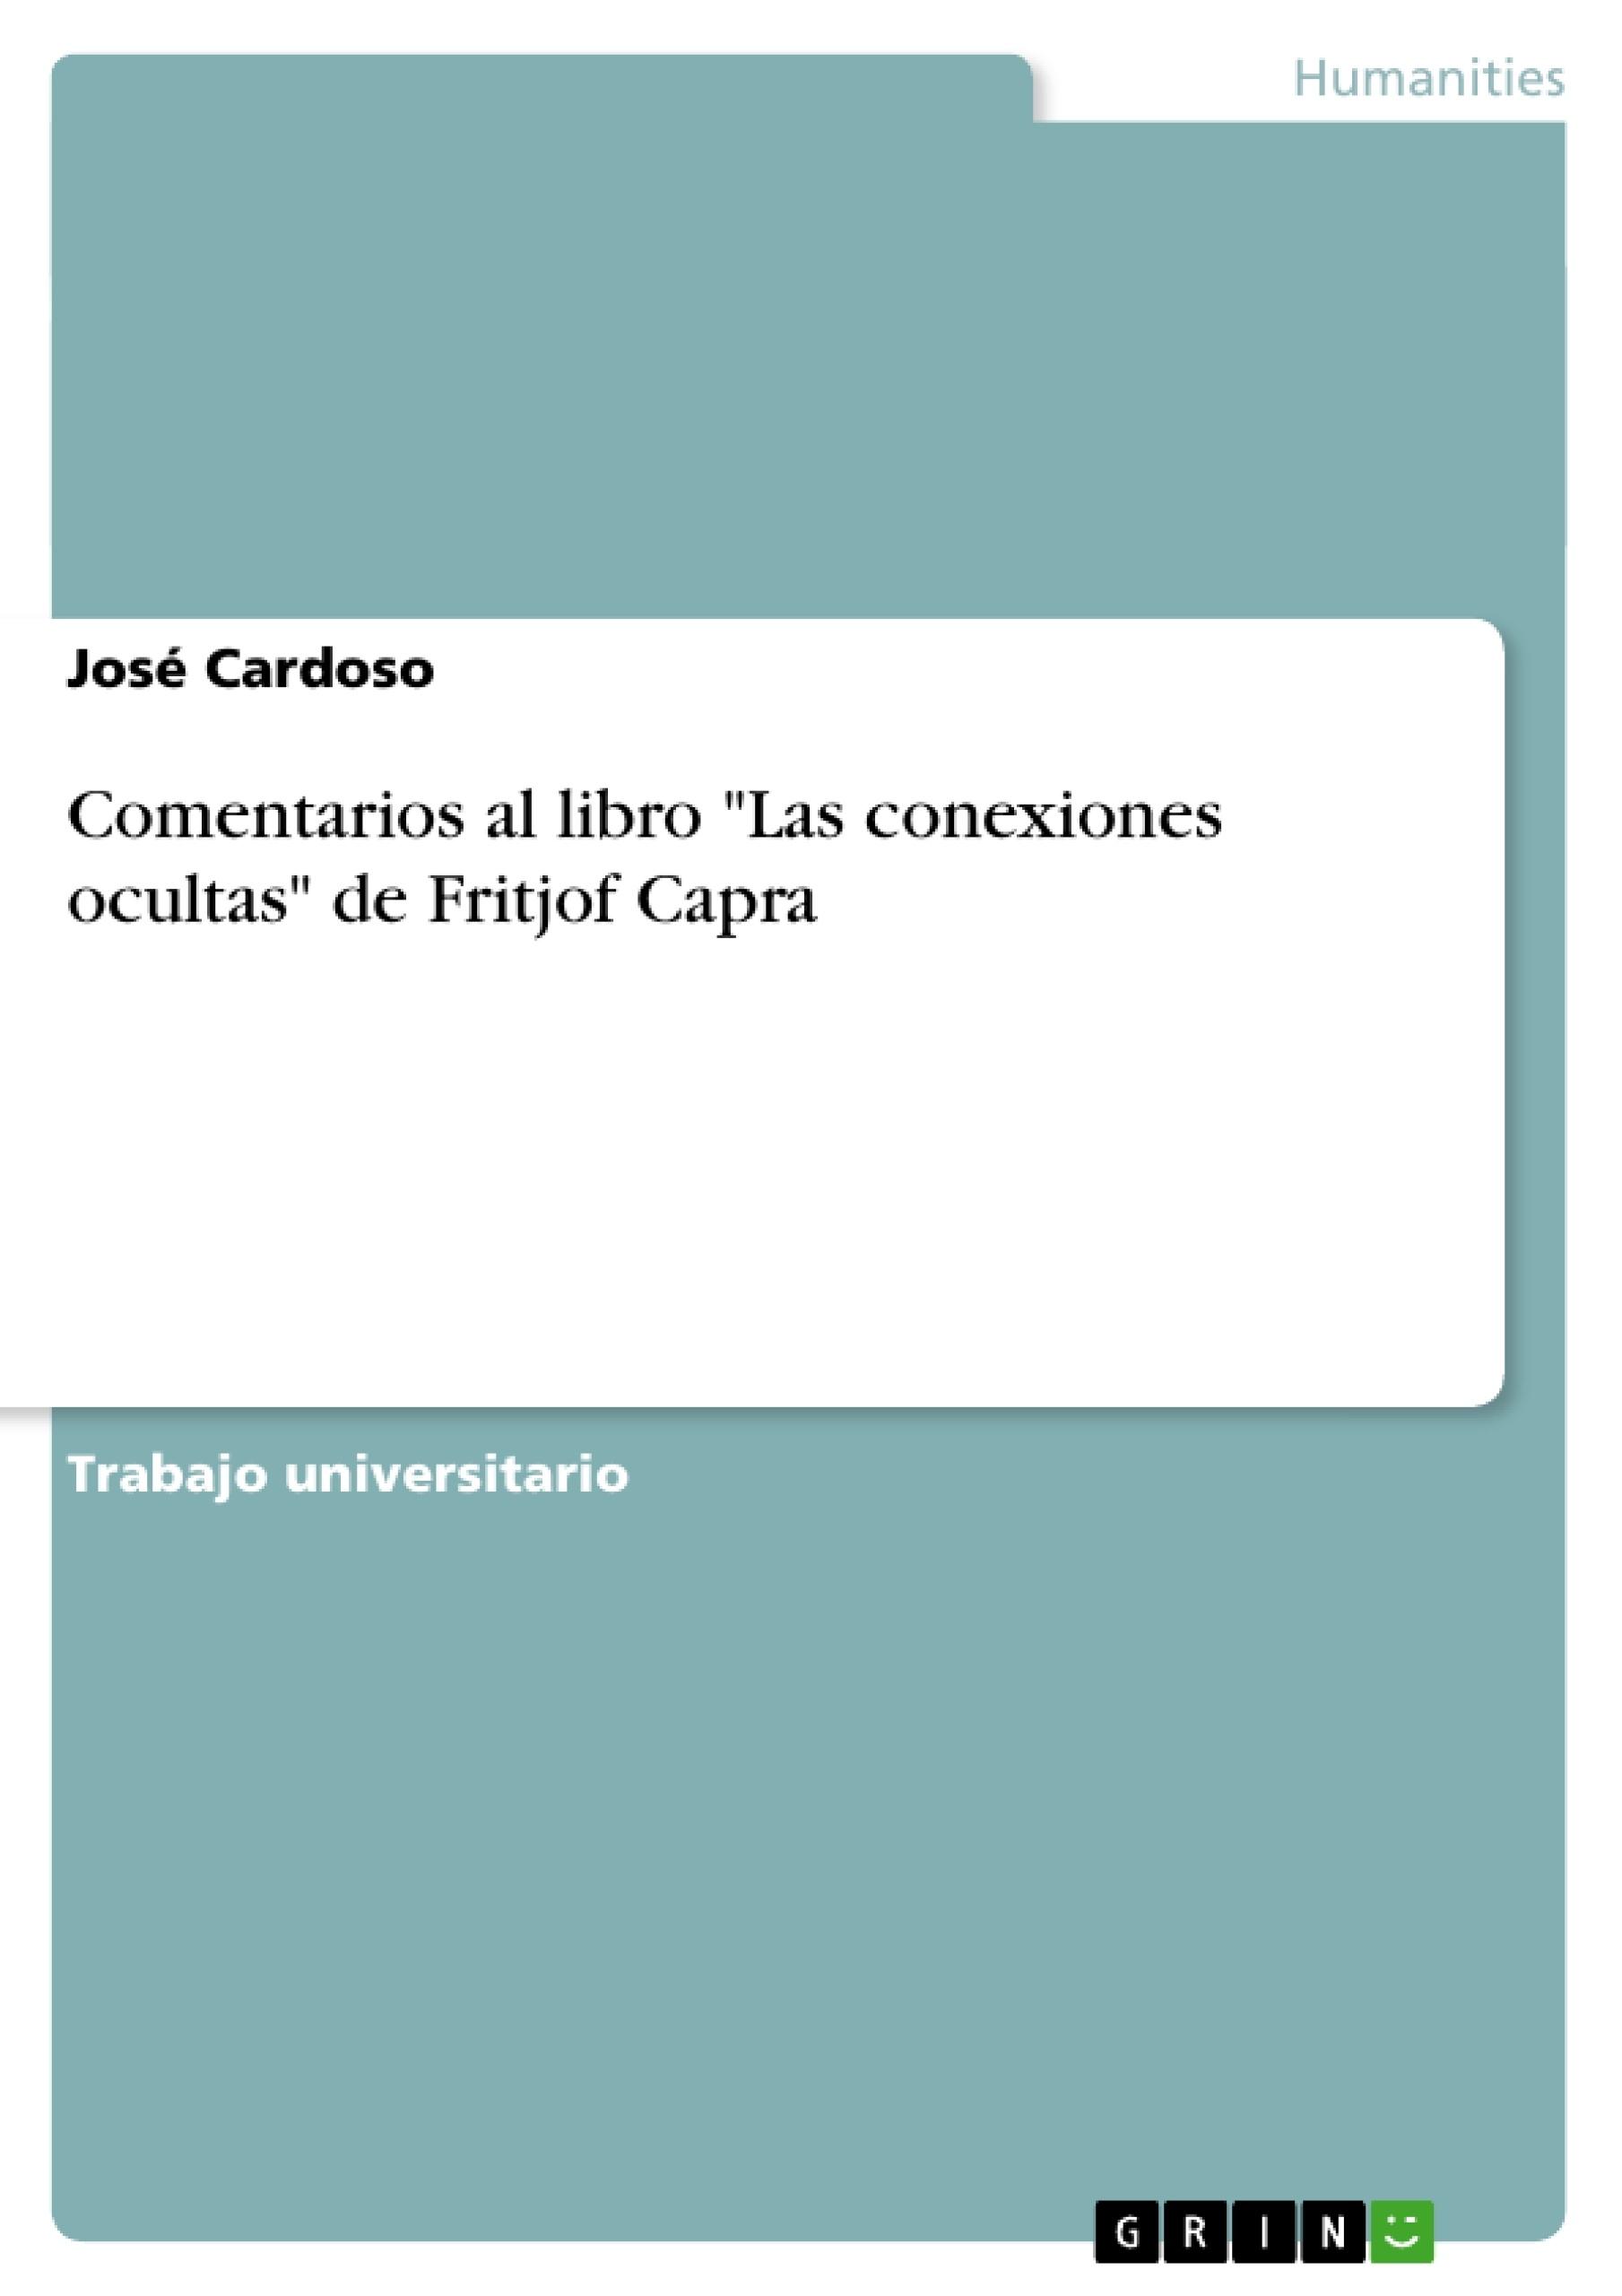 """Título: Comentarios al libro """"Las conexiones ocultas"""" de Fritjof Capra"""